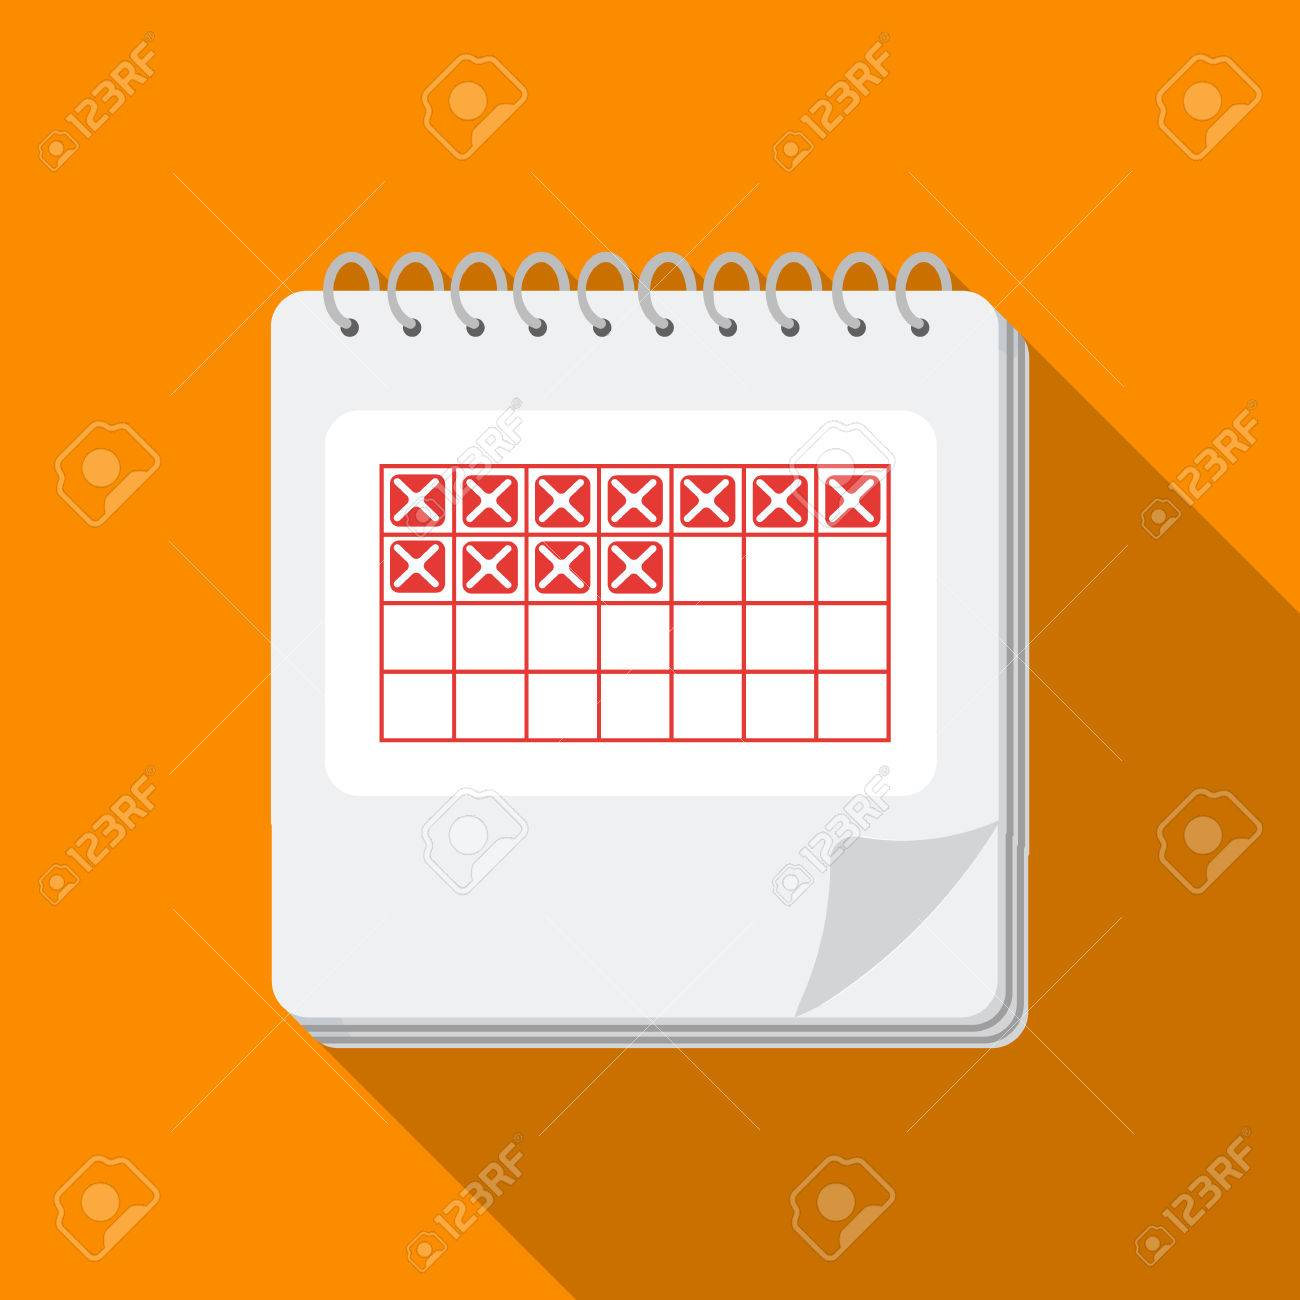 1dbb6ab9f Foto de archivo - Icono de calendario en estilo plano aislado sobre fondo  blanco. Embarazo símbolo stock vector ilustración.